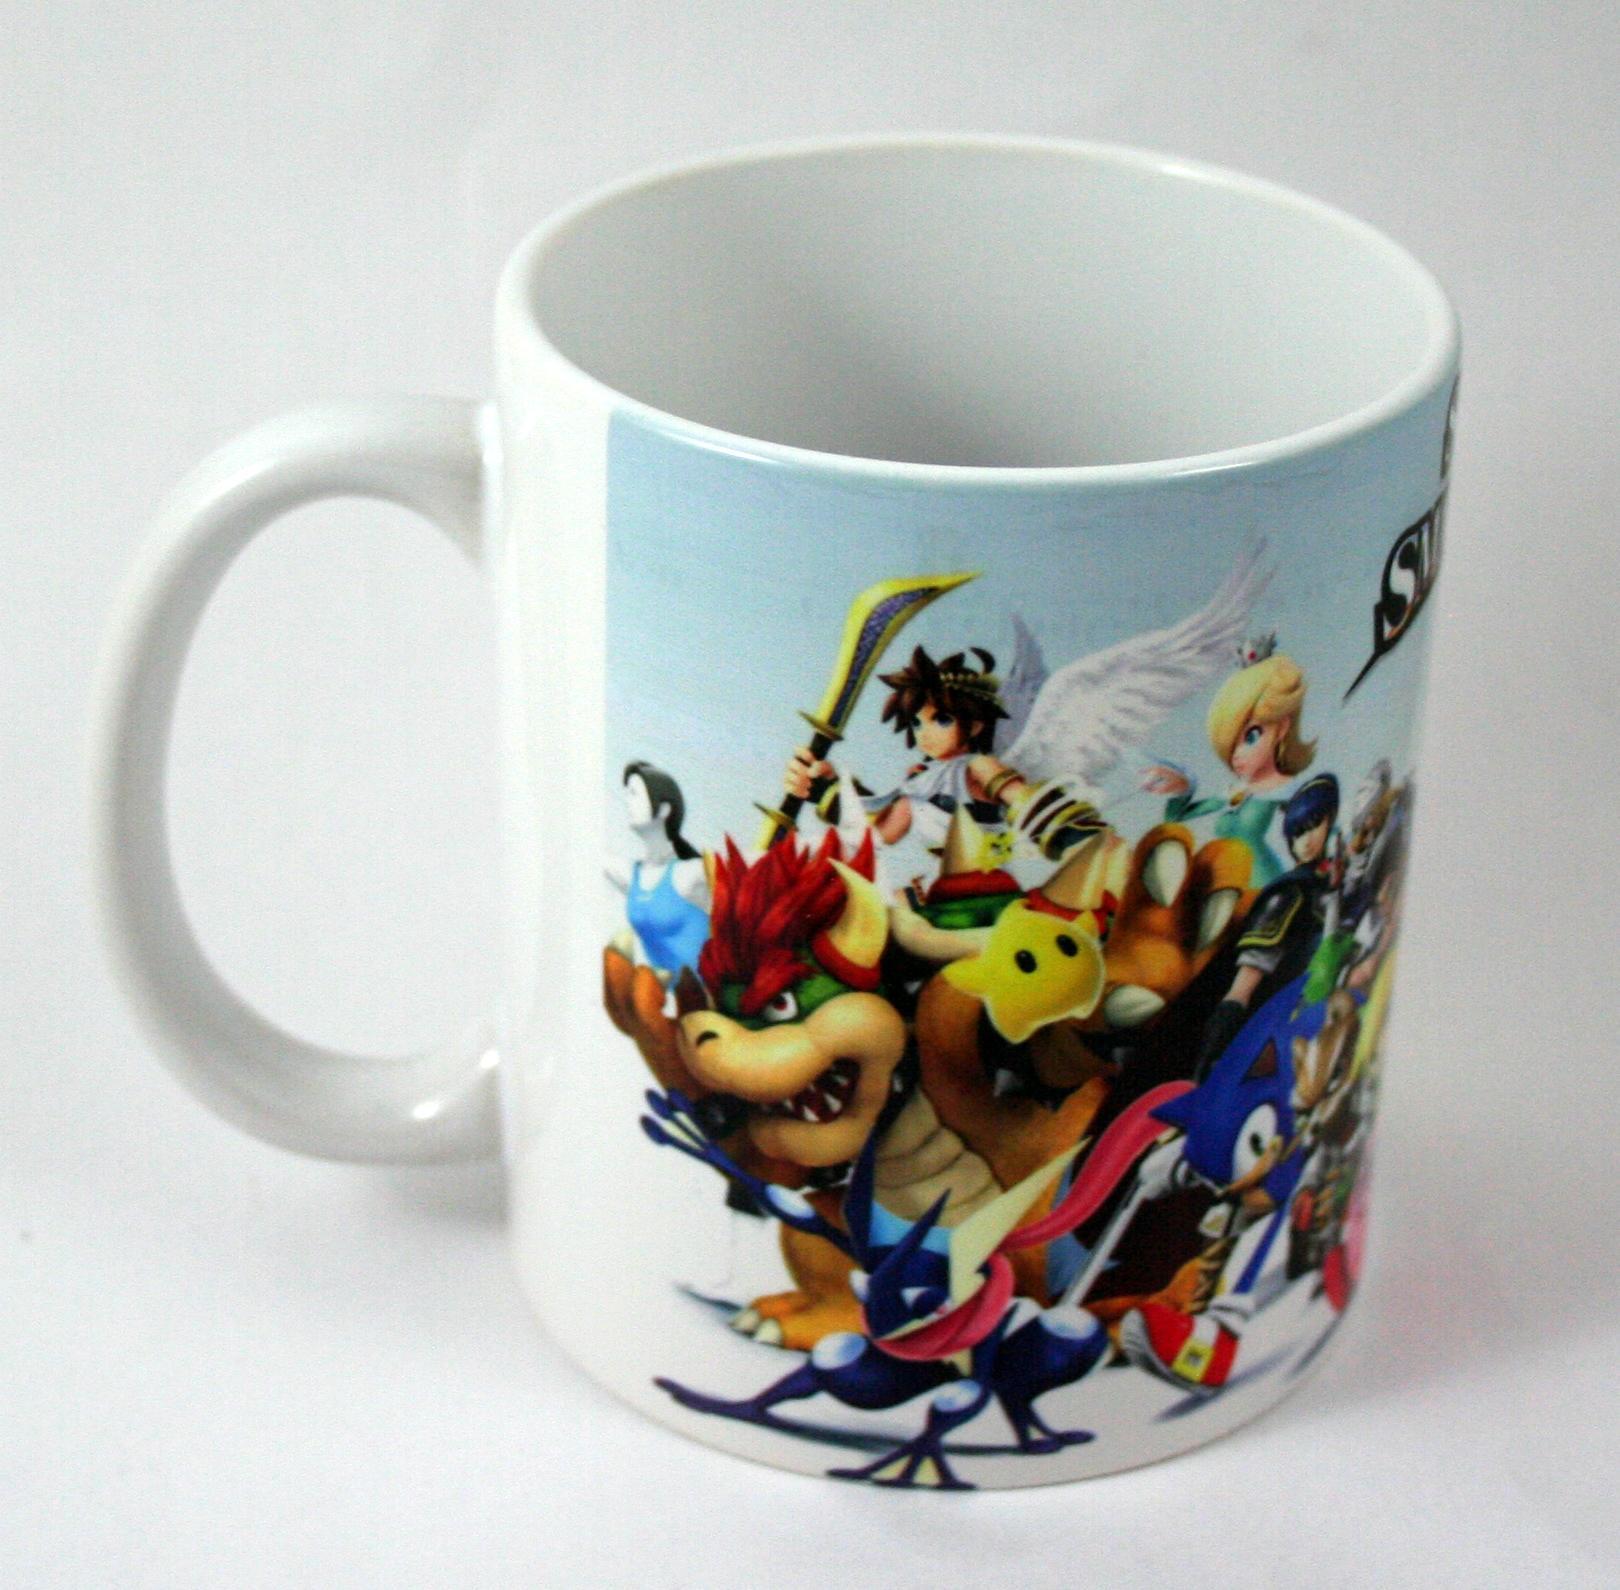 Taza y llavero Super Smash Bros